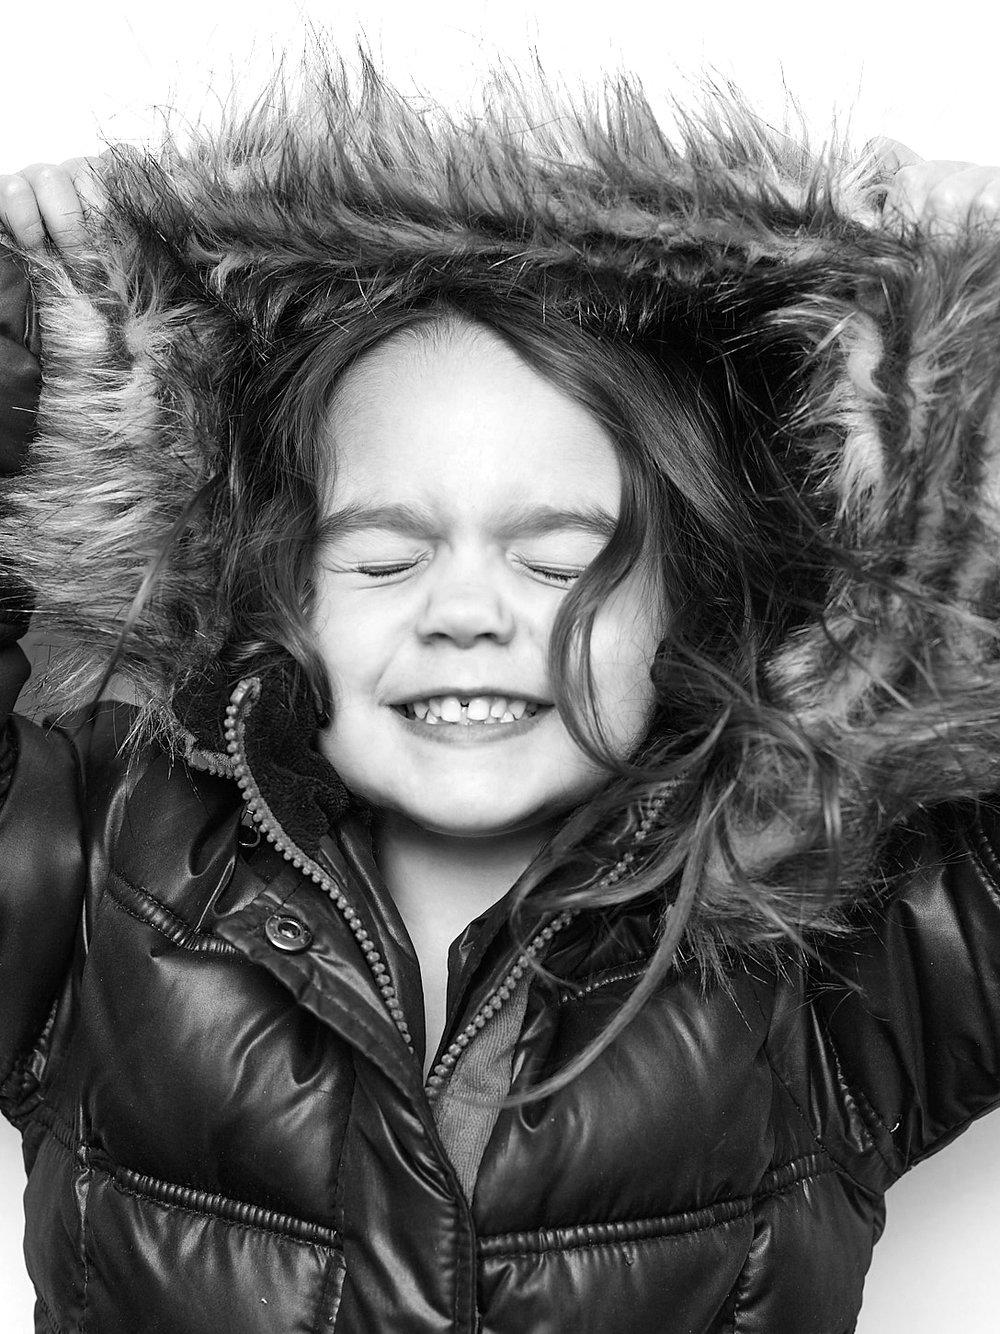 puffy-jacket-ryanpavlovichphotogrpahy.jpg